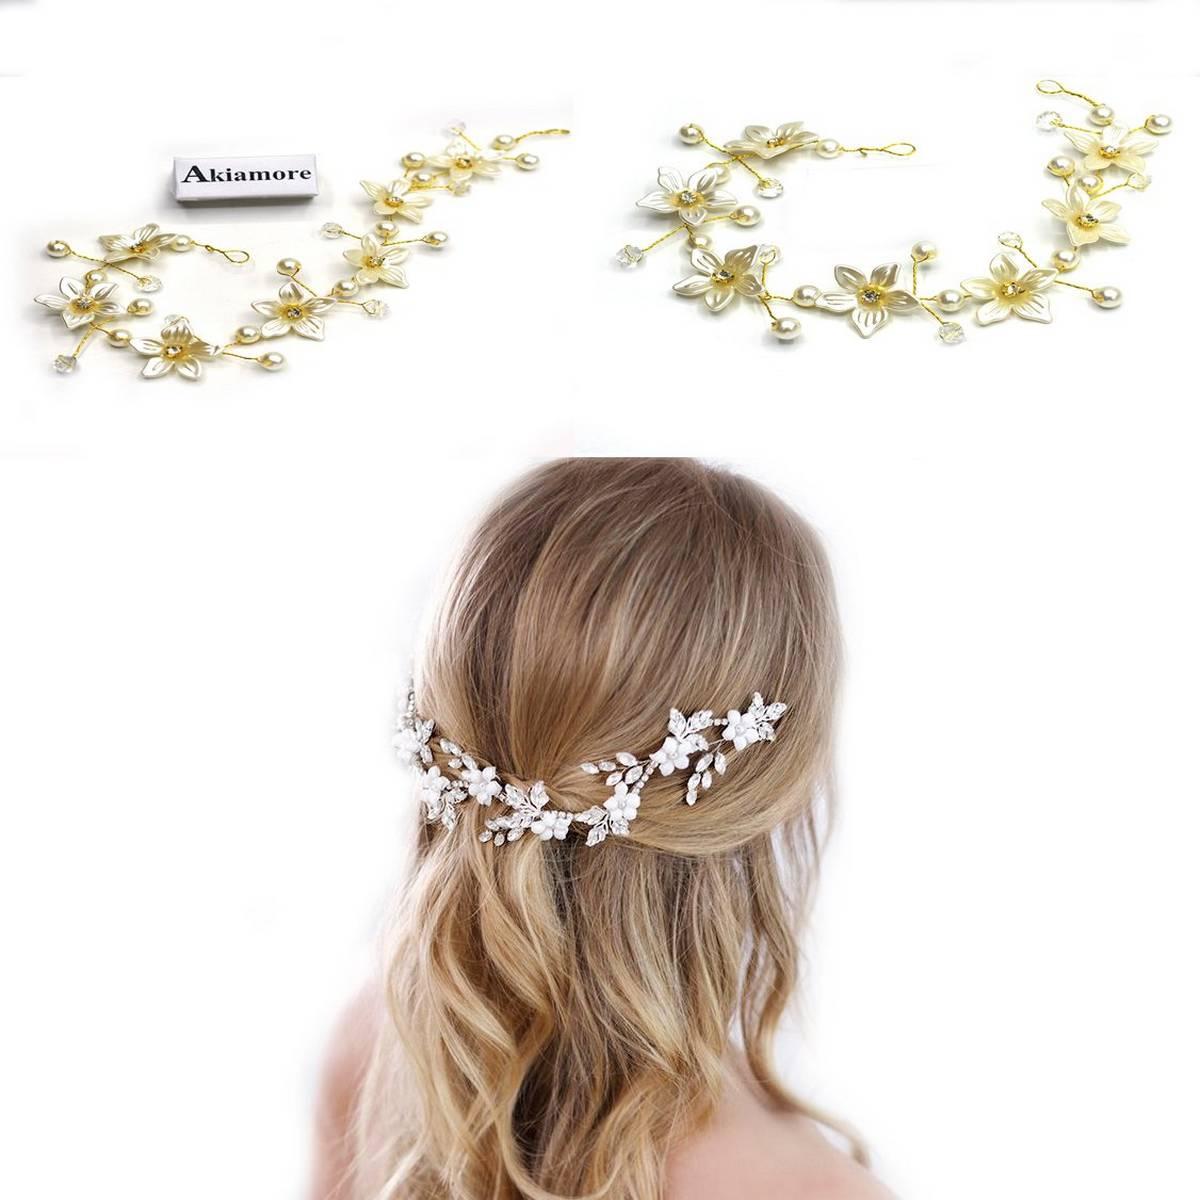 Crystal Wedding Hairbands Women Gold Silver Leaf Shape Headband Bridal Party Prom Headband Hair Crown